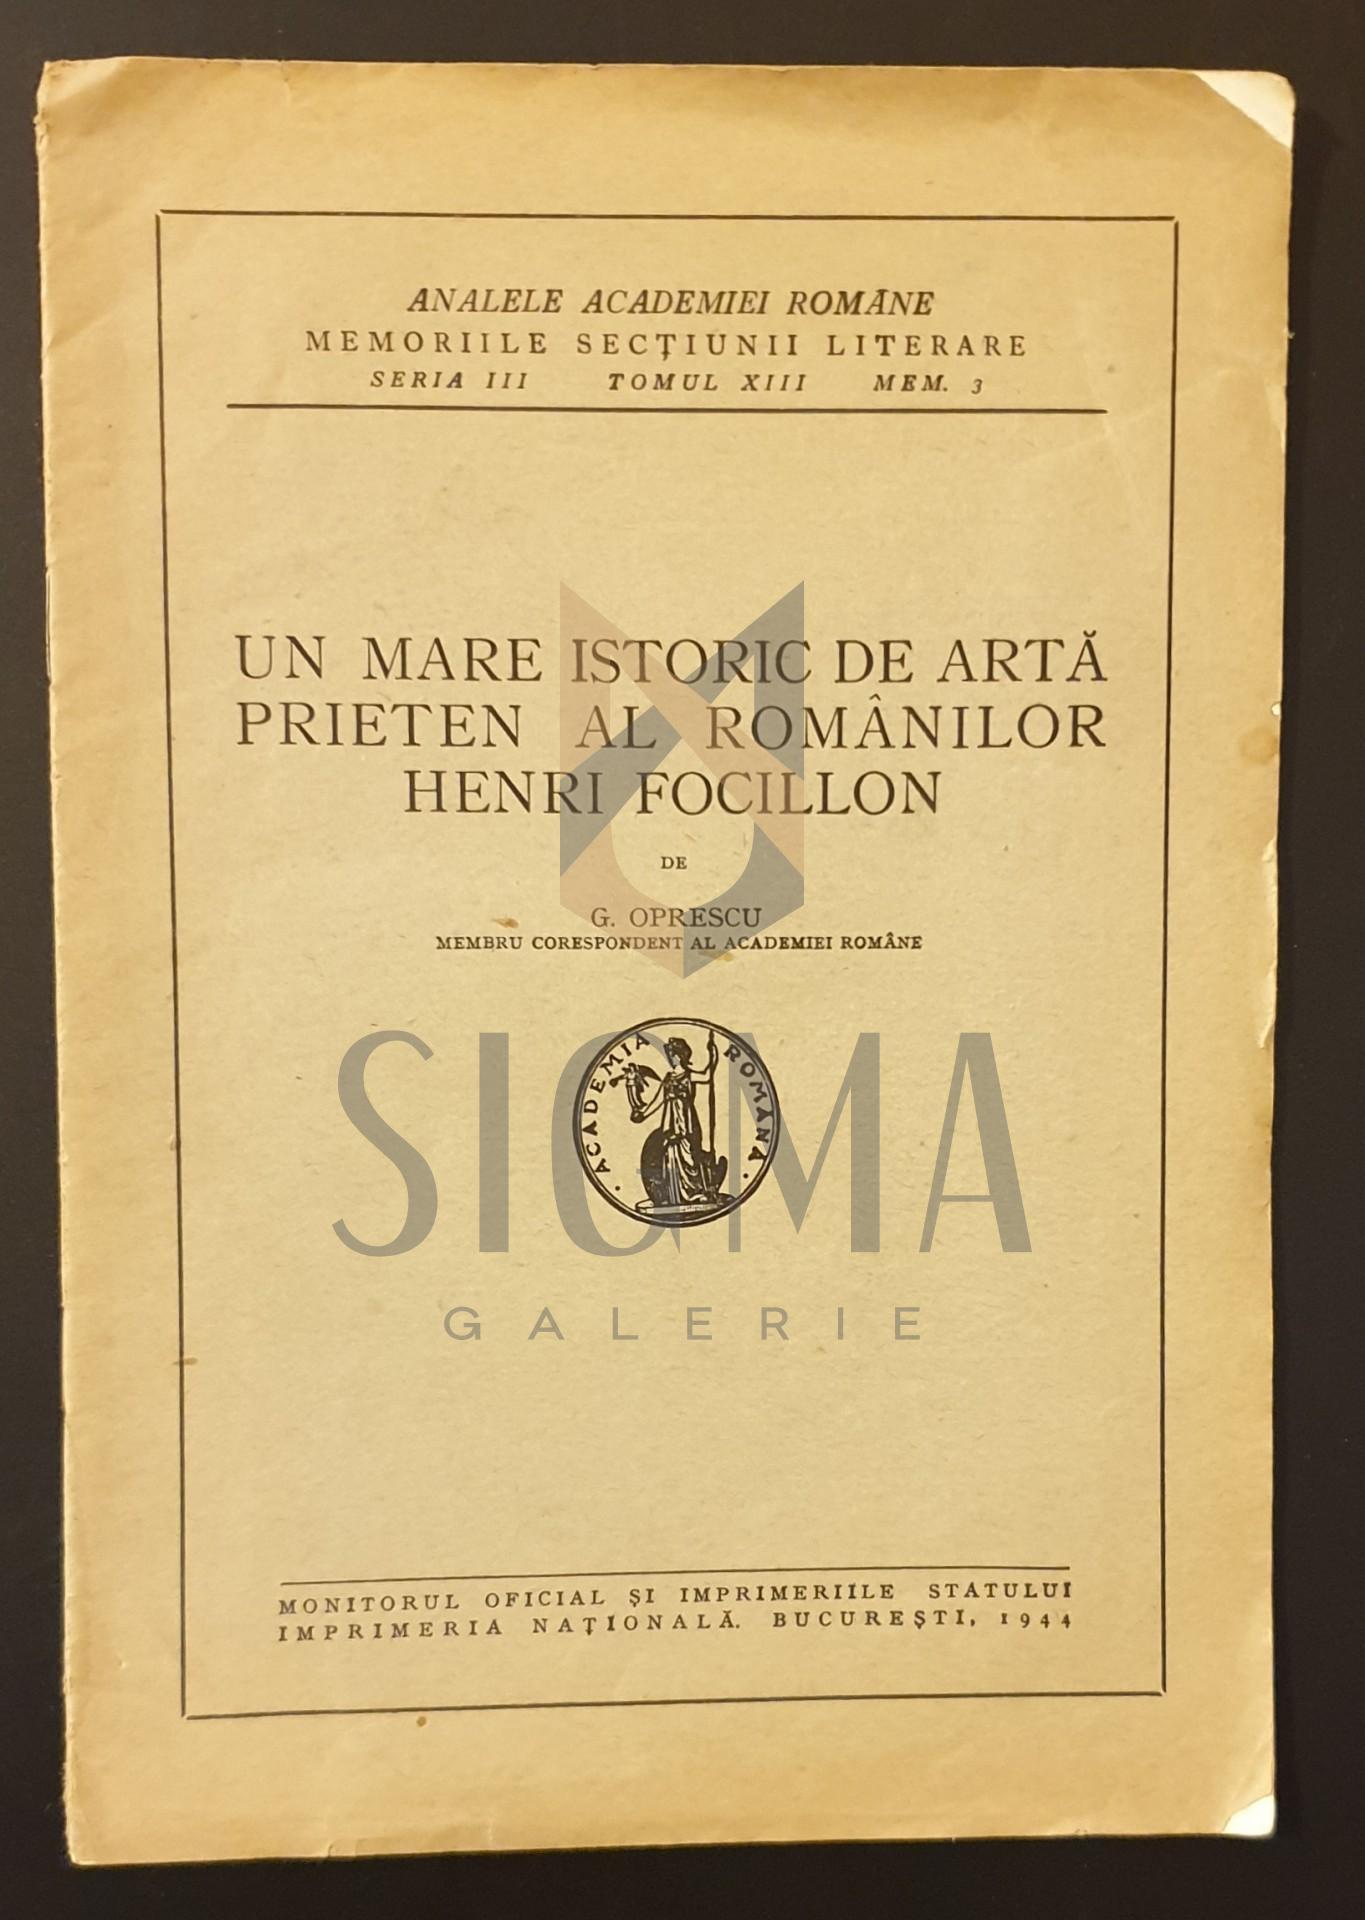 Un mare istoric de arta prieten al romanilor, Henri Focillon